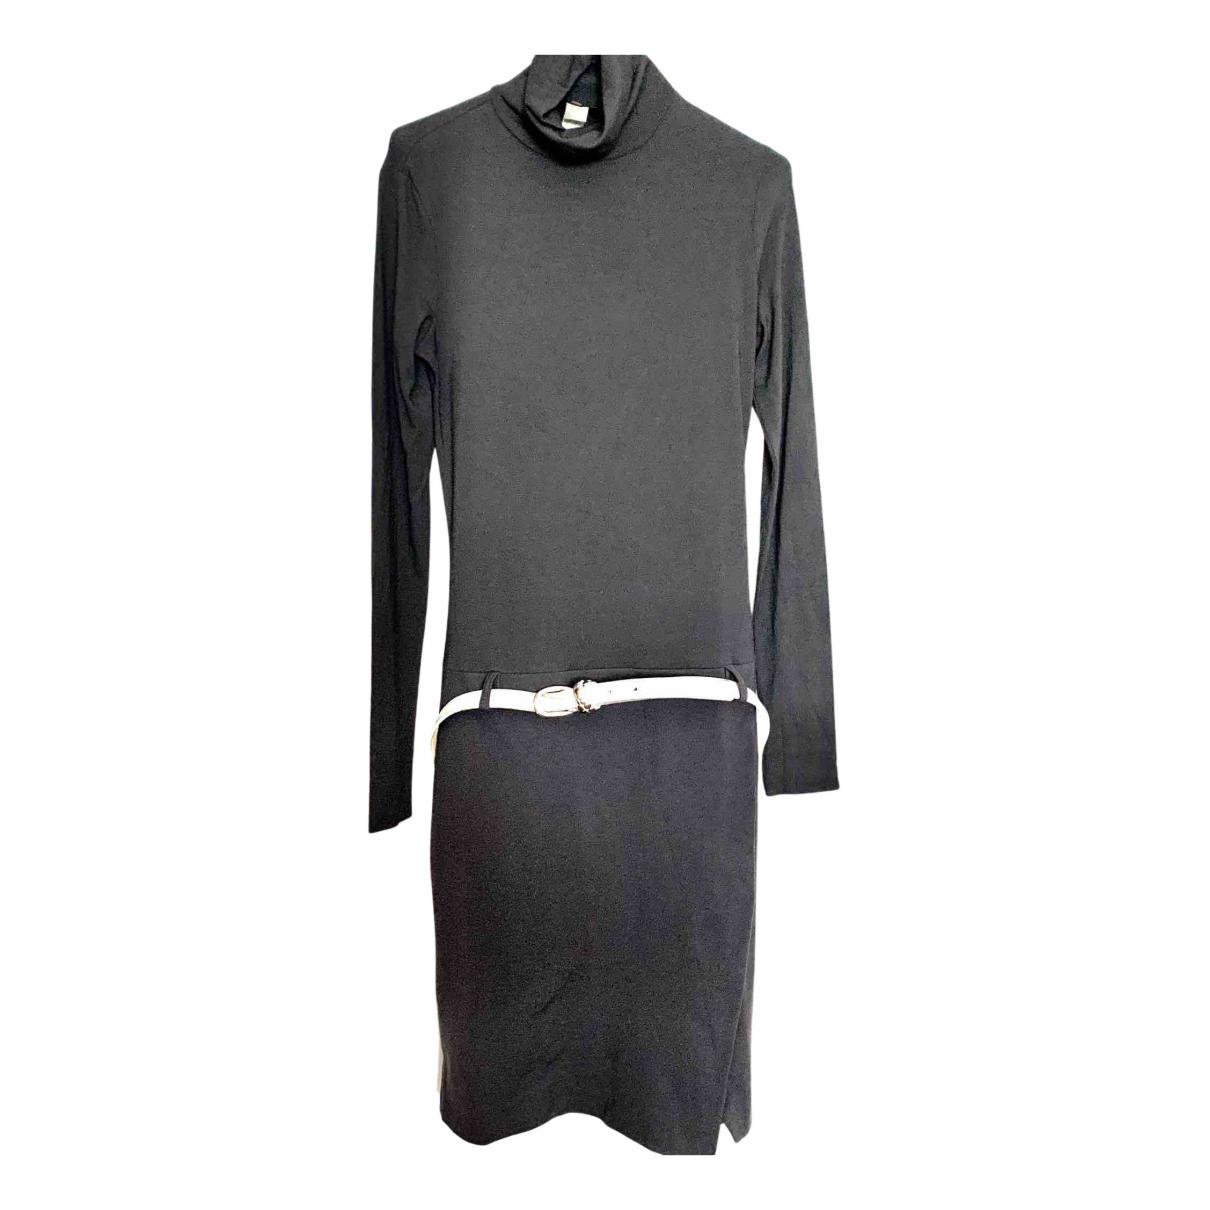 La Perla \N Kleid in  Grau Wolle